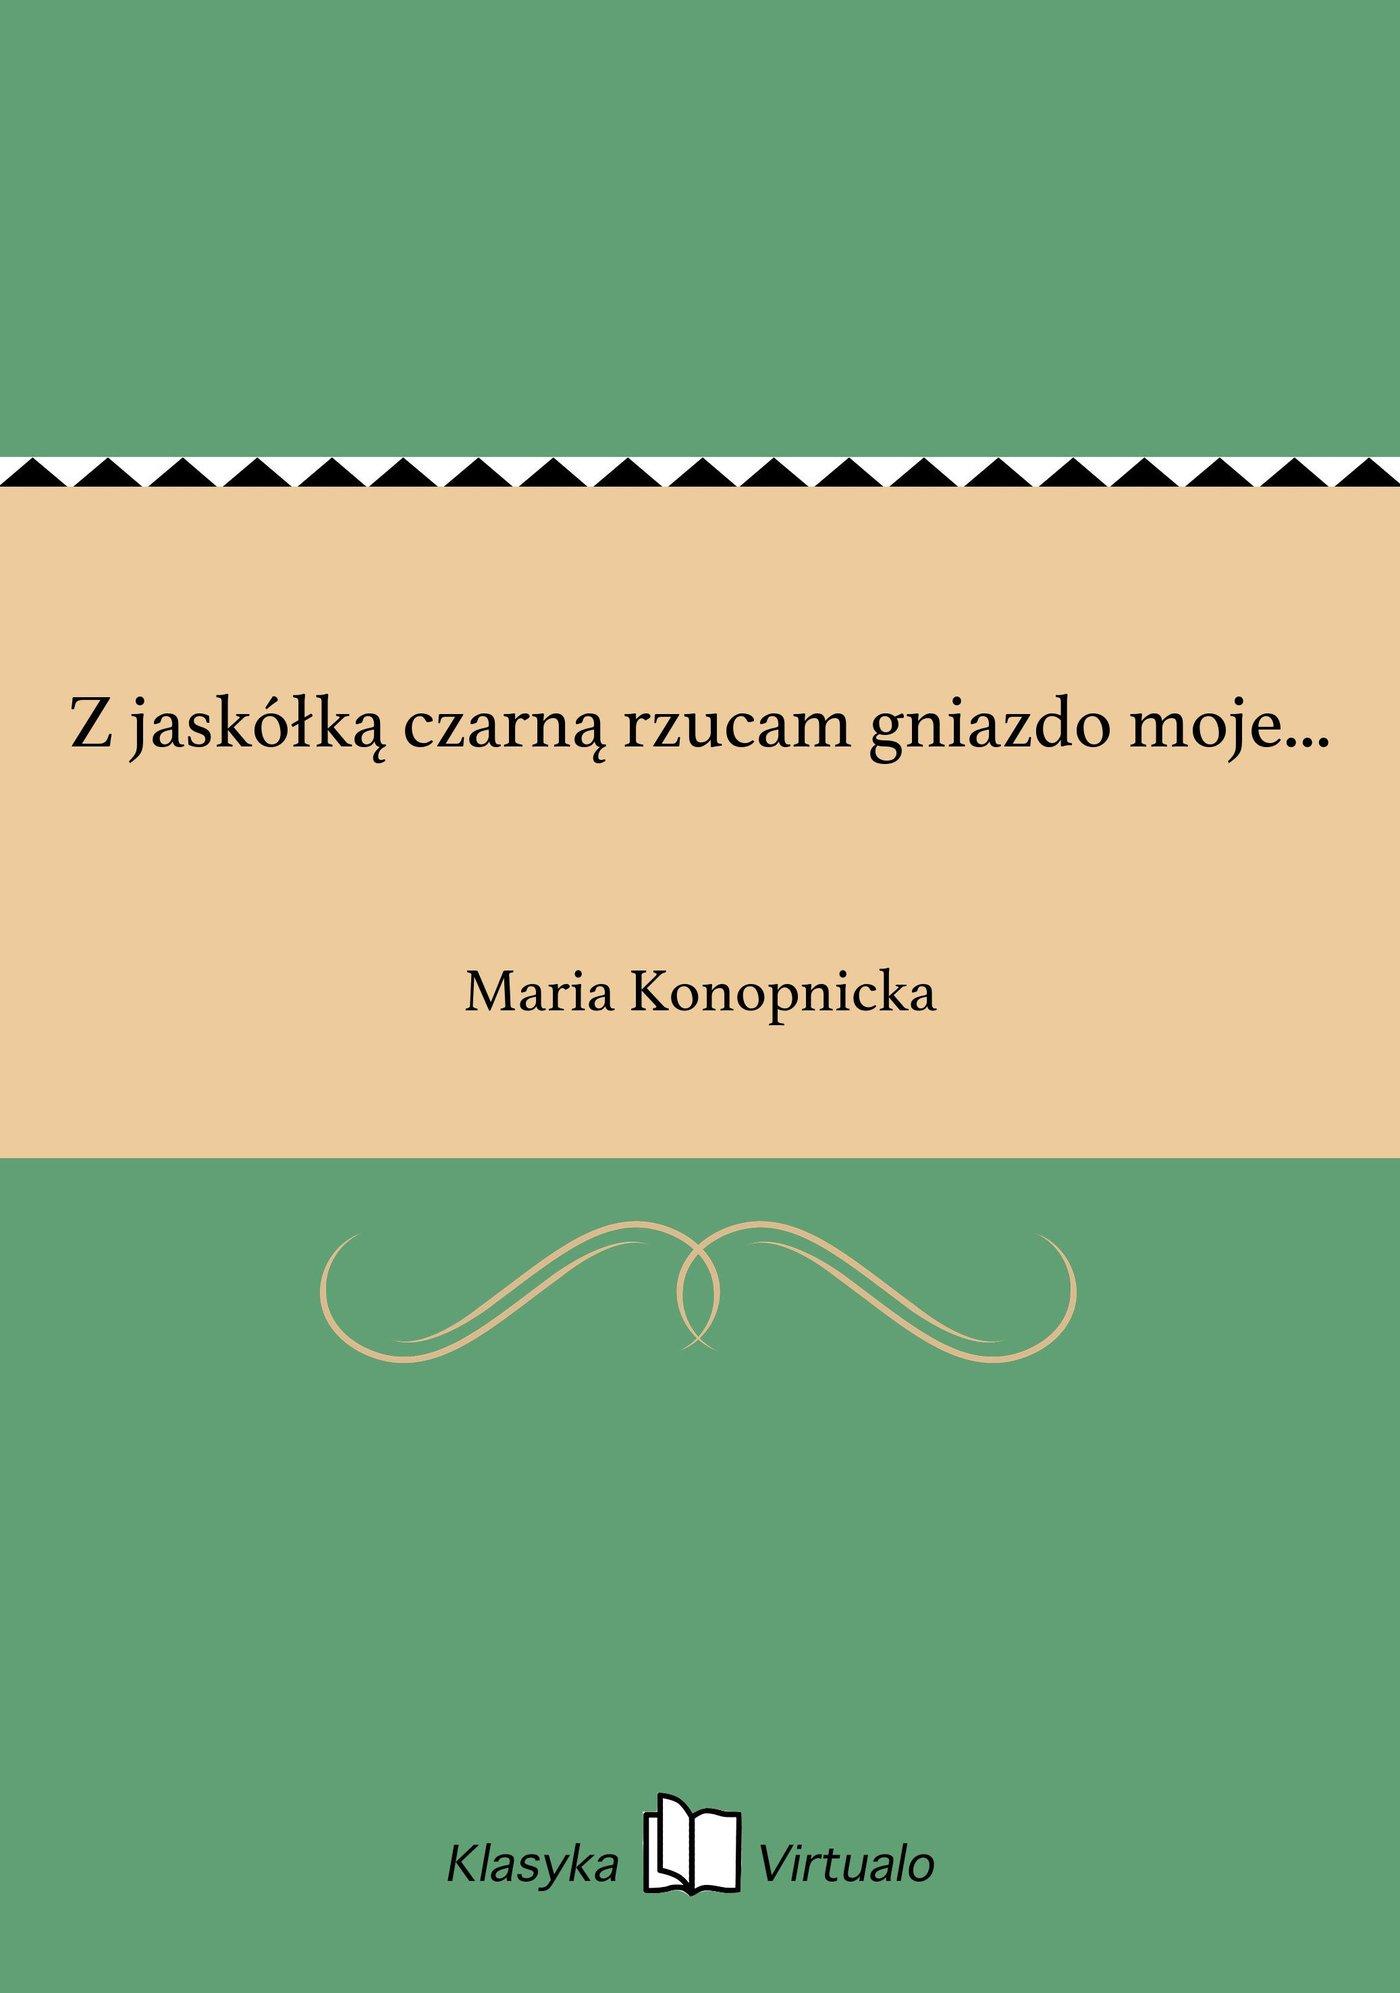 Z jaskółką czarną rzucam gniazdo moje... - Ebook (Książka EPUB) do pobrania w formacie EPUB